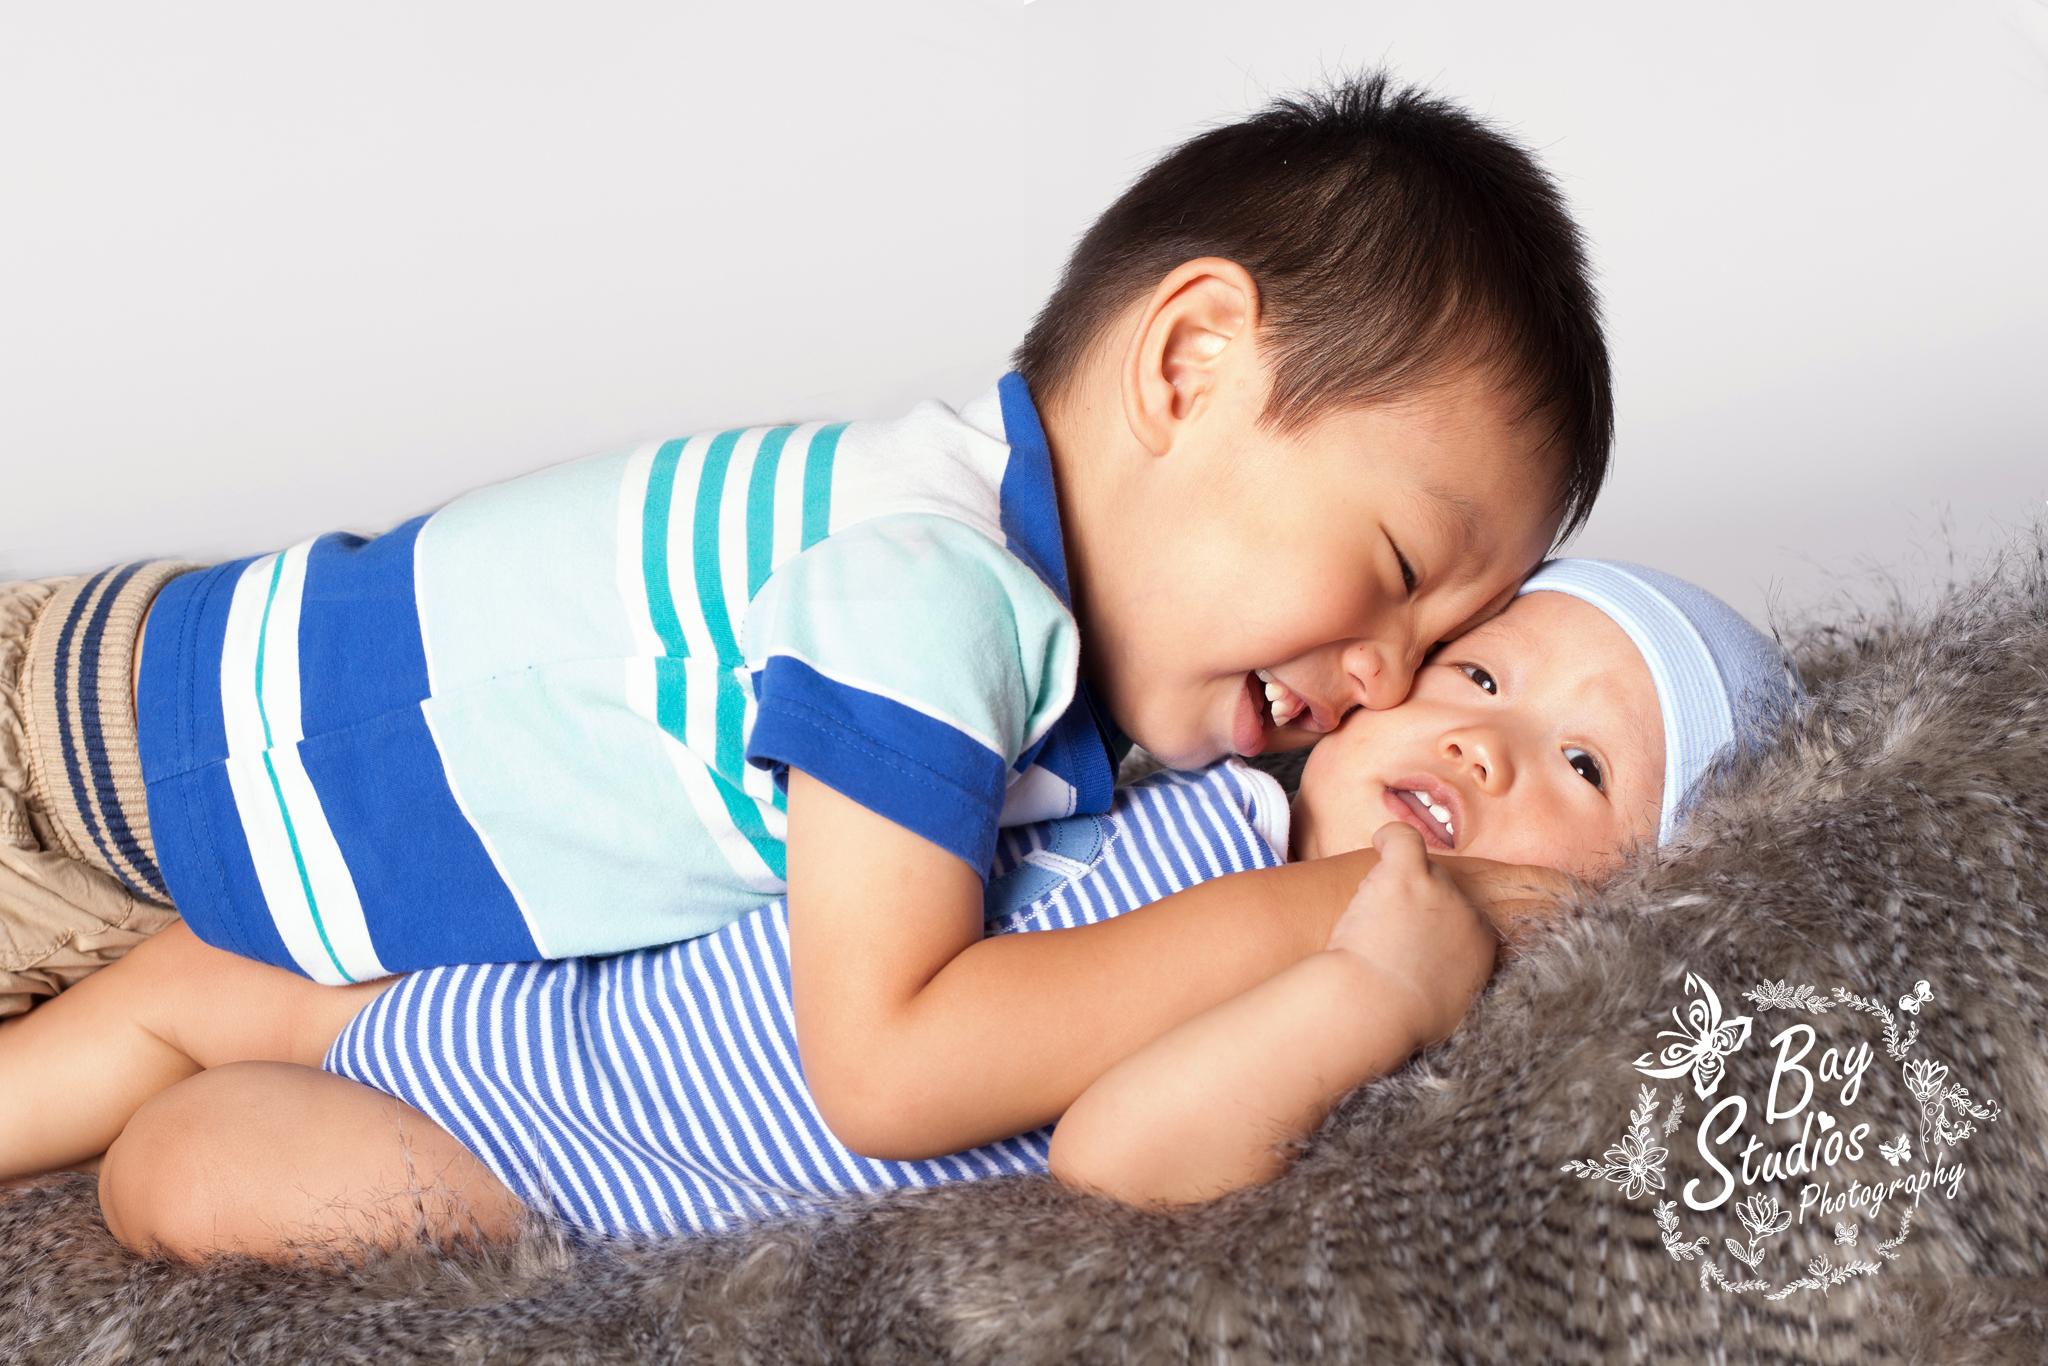 IMG_8613IMG_8201,familien fotostudio aarau, kinderfotograf schweiz, baby fotograf ,www.baystudios.ch